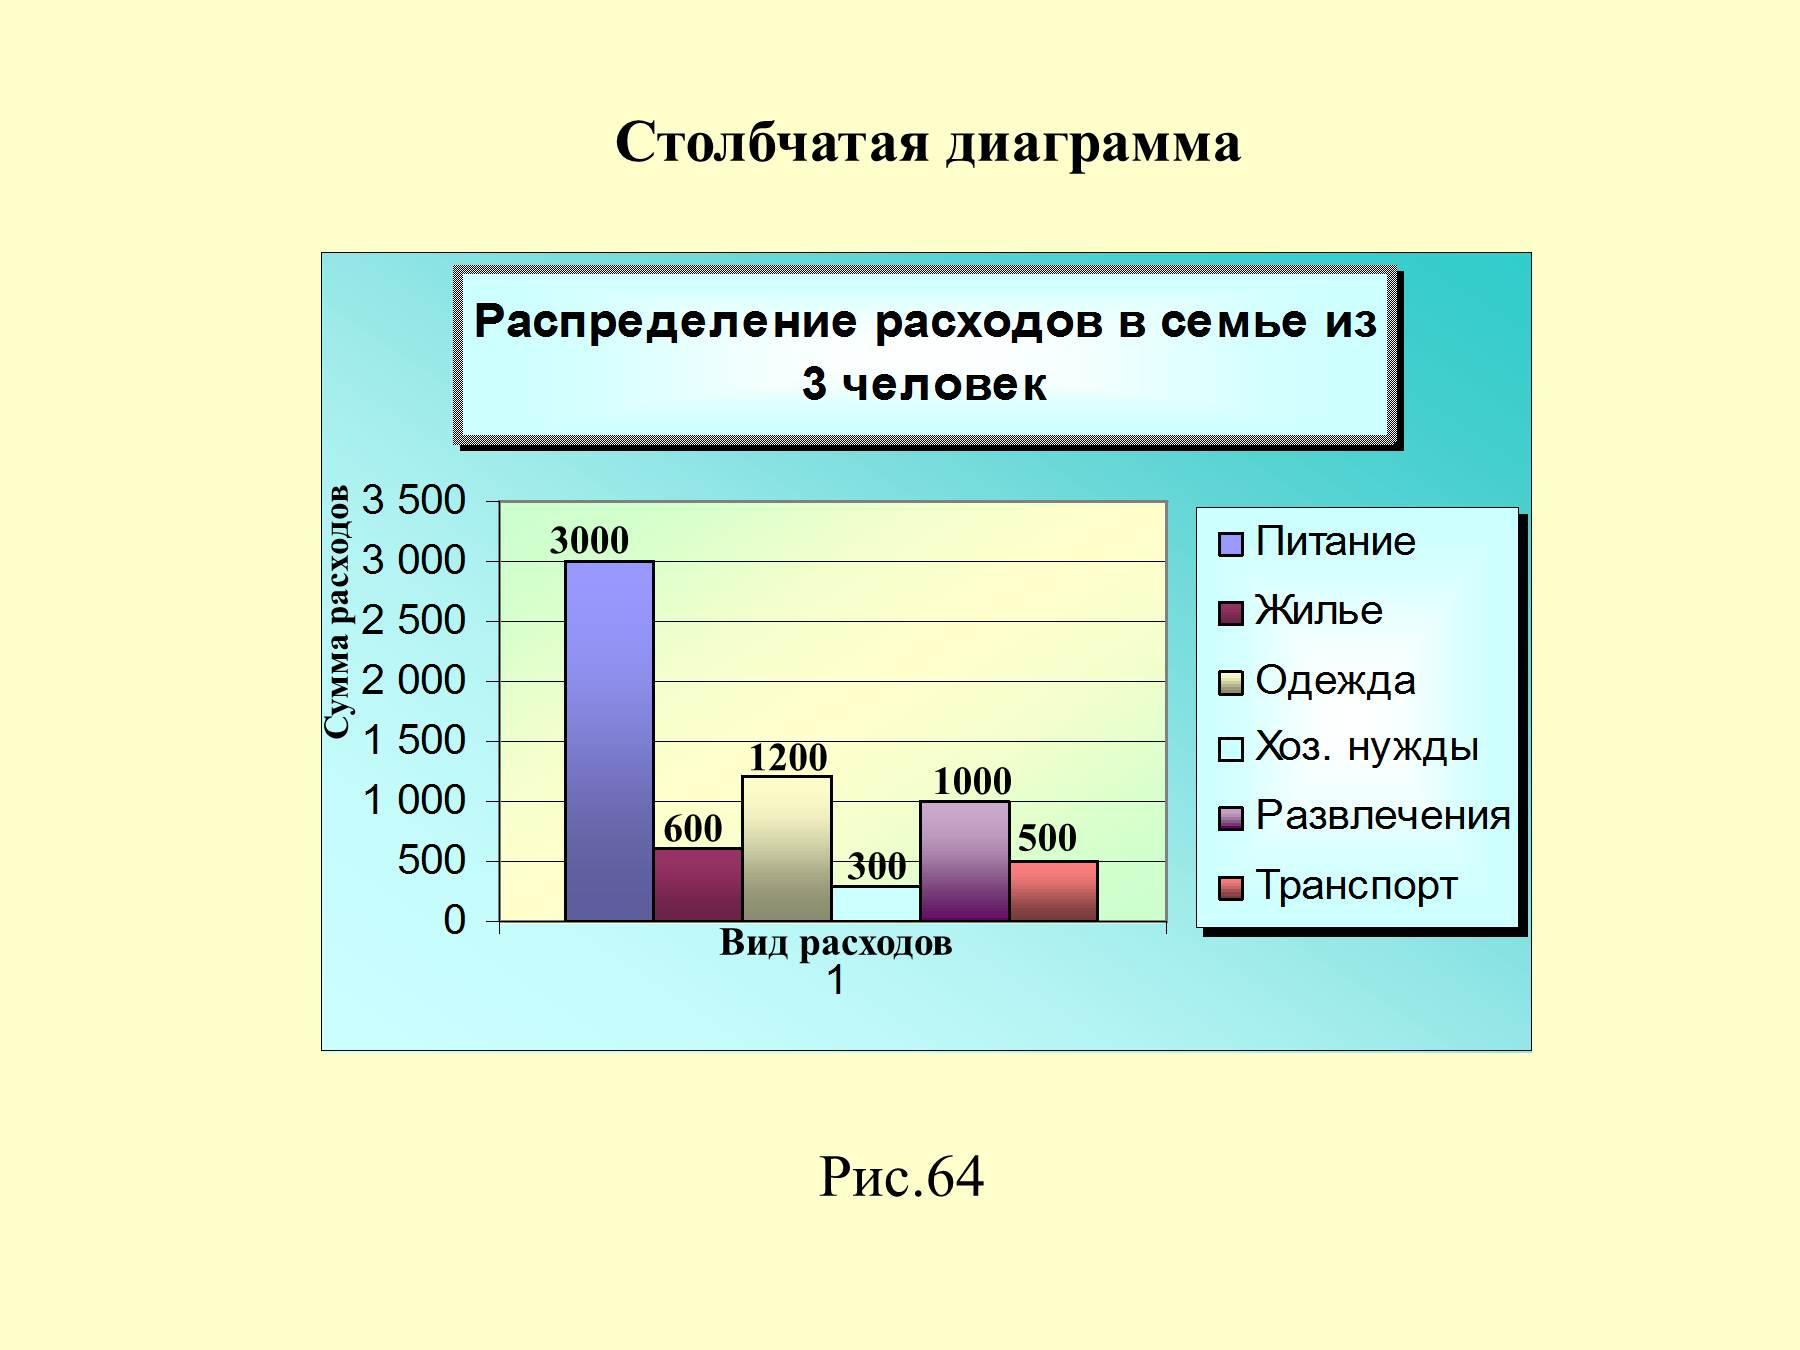 Как сделать диаграмму соотношений